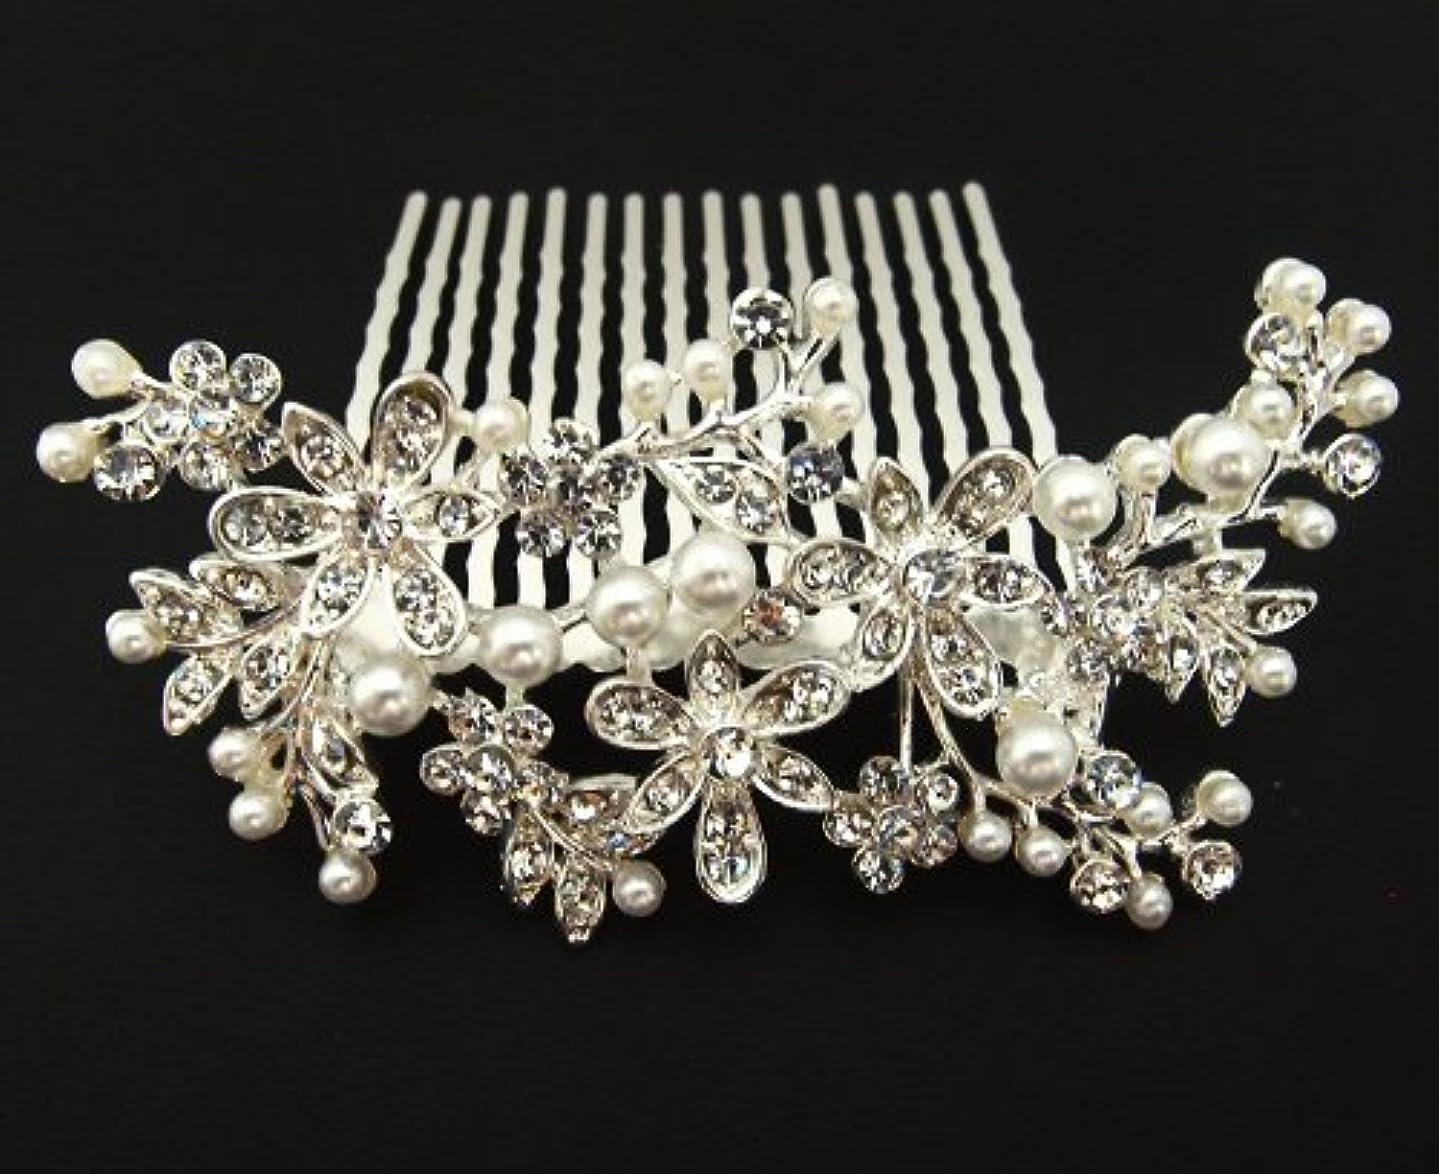 指定する傾いた偶然beautiful white Silver Color bridal wedding hair comb pearl and crystal #5 [並行輸入品]